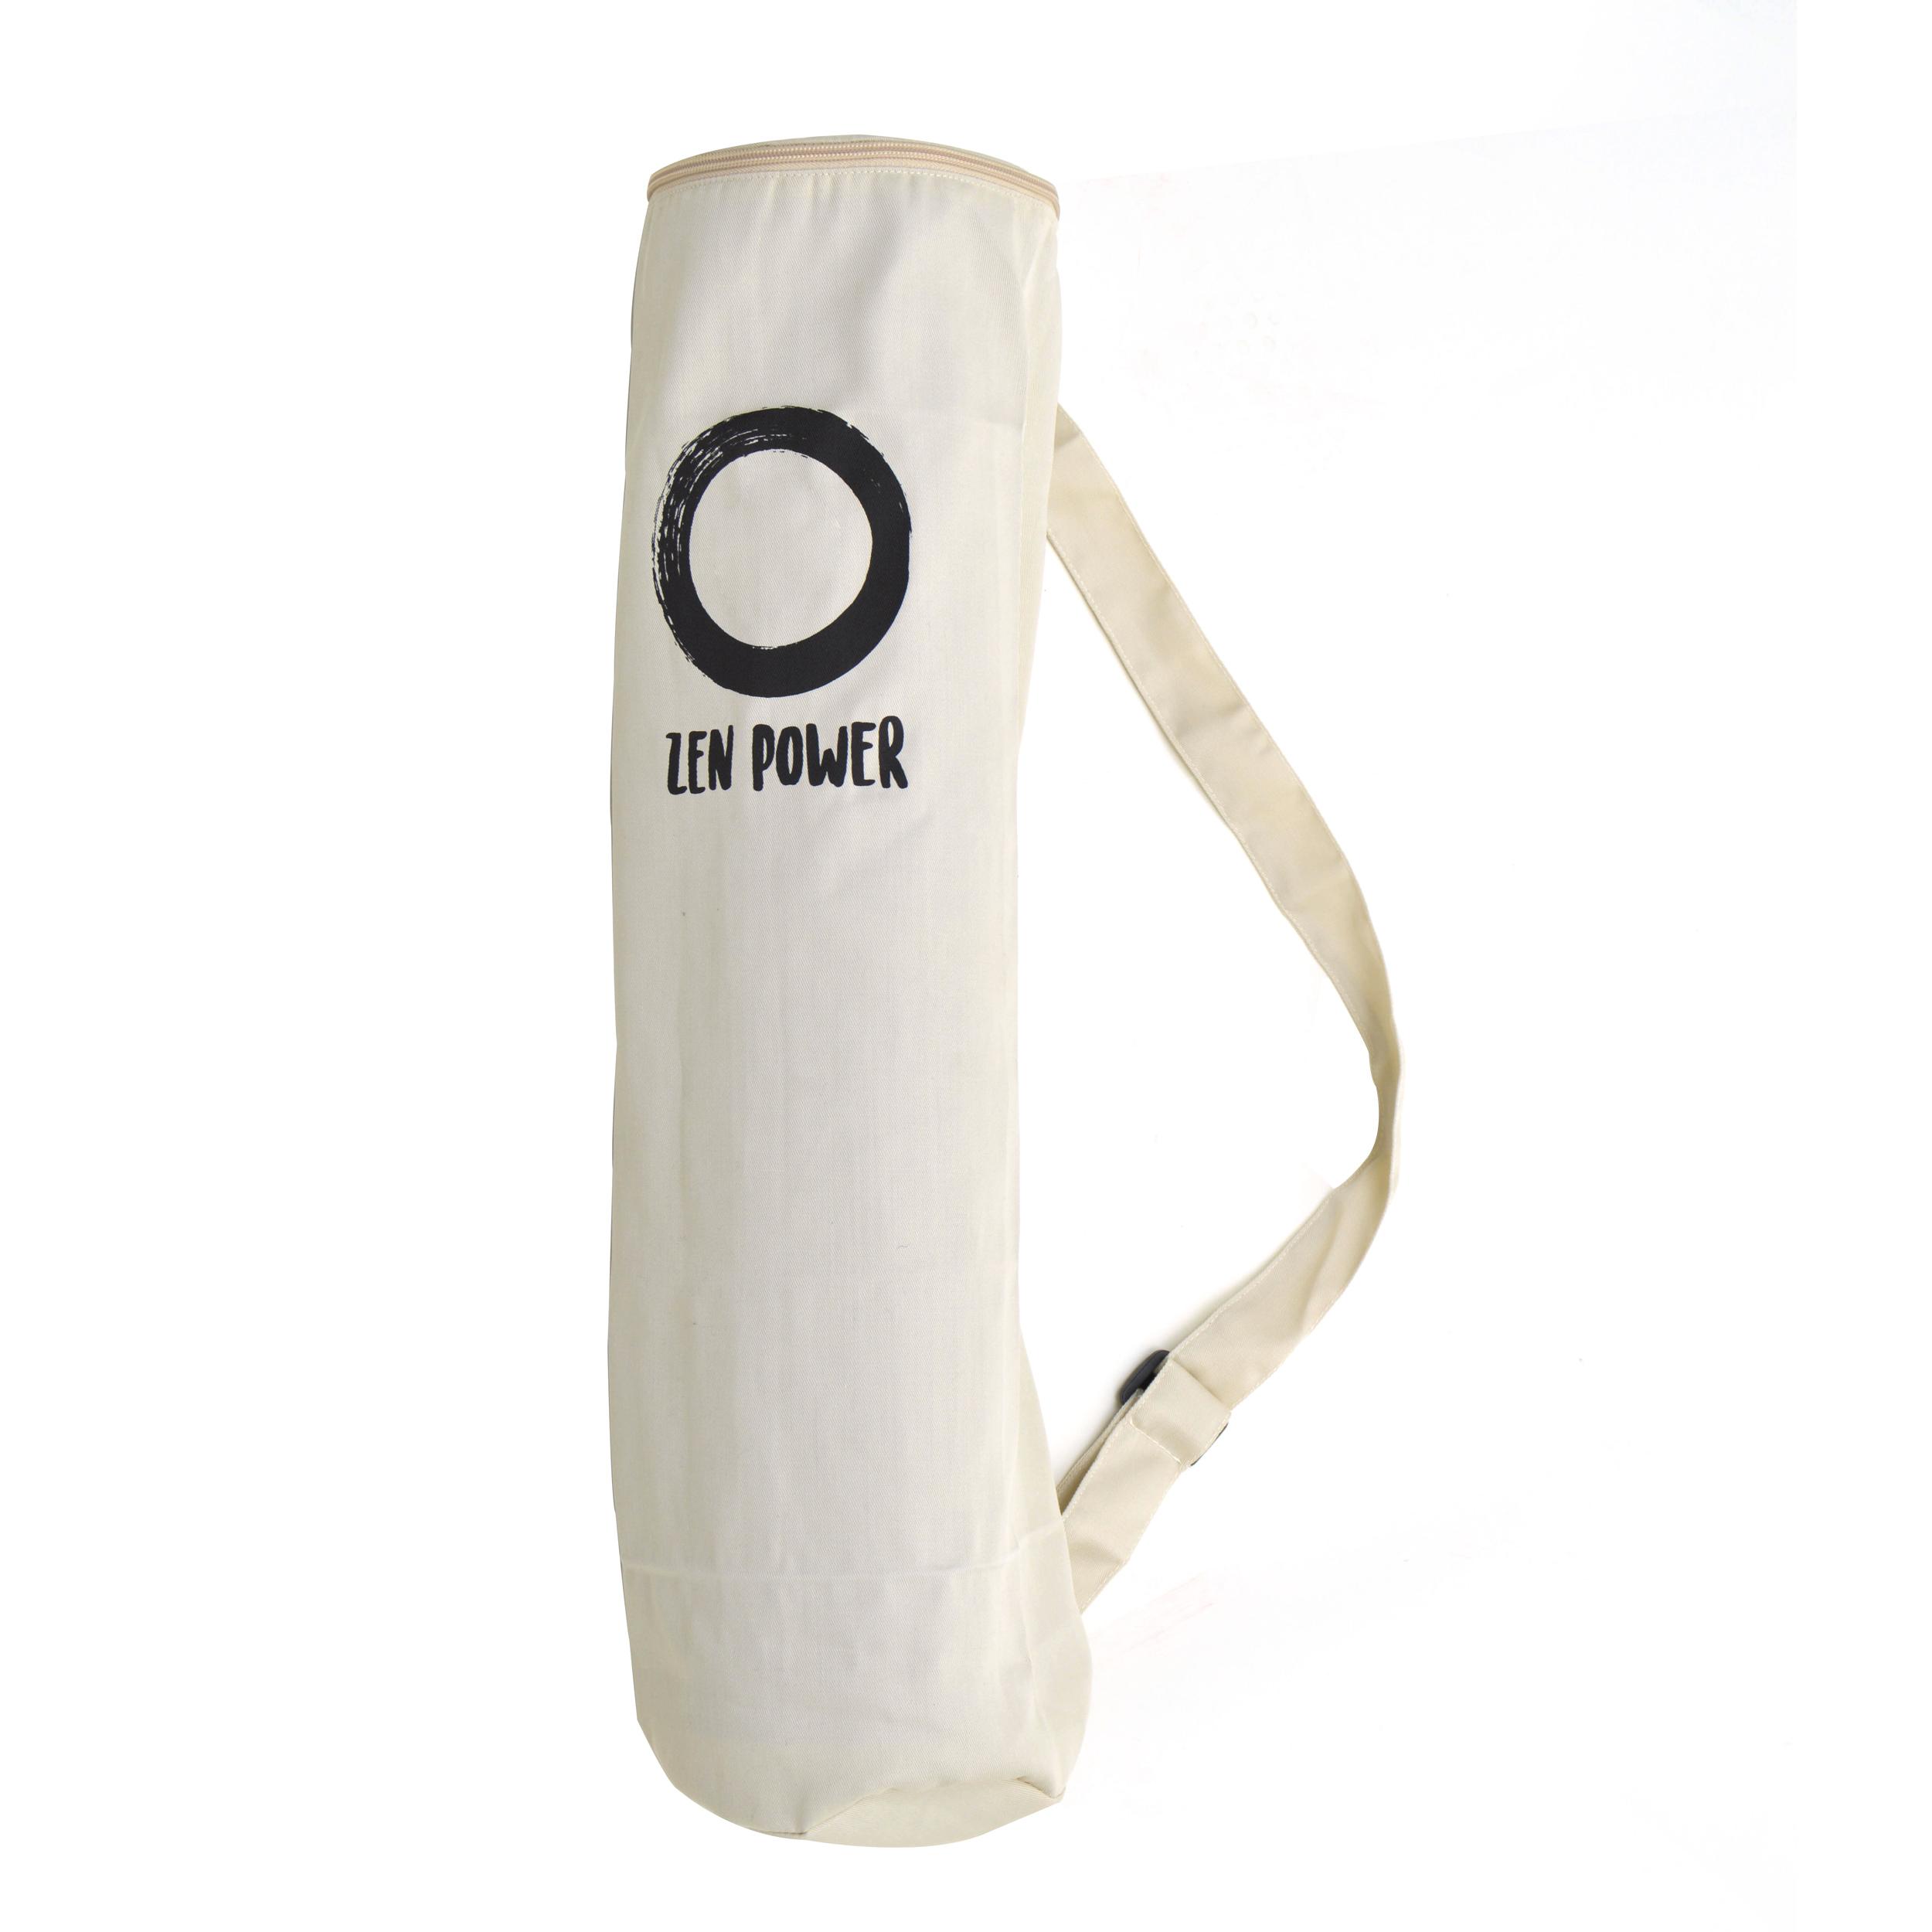 Zen Power Yoga-Tasche aus Baumwolle, Yoga-Beutel, 63x25cm, Farbe beige